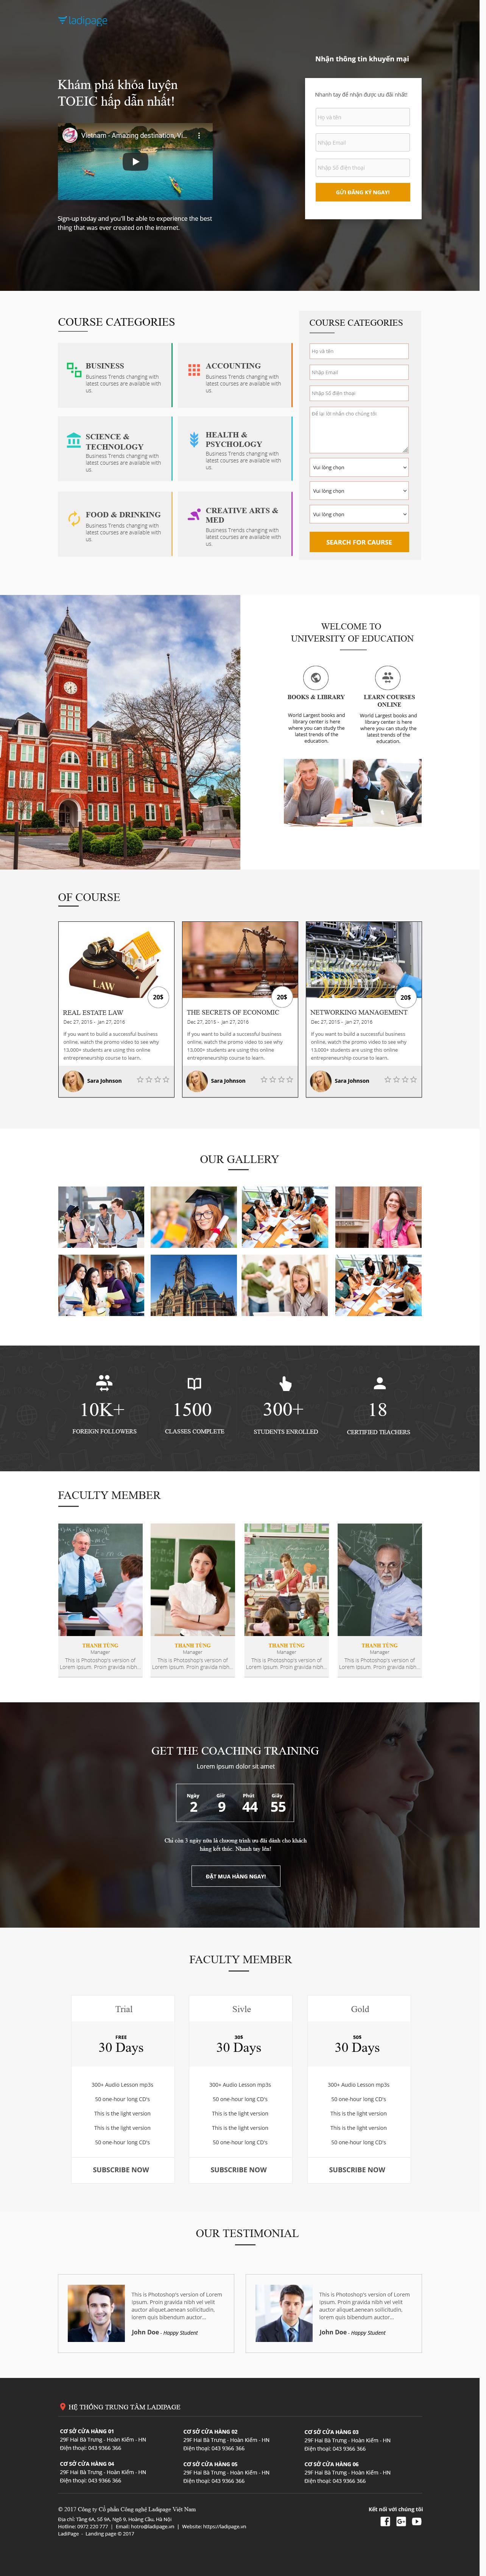 Thiết kế website Thiết kế webiste landingpage giao-duc---du-hoc---nghien-cuu Giáo dục Đào tạo 13